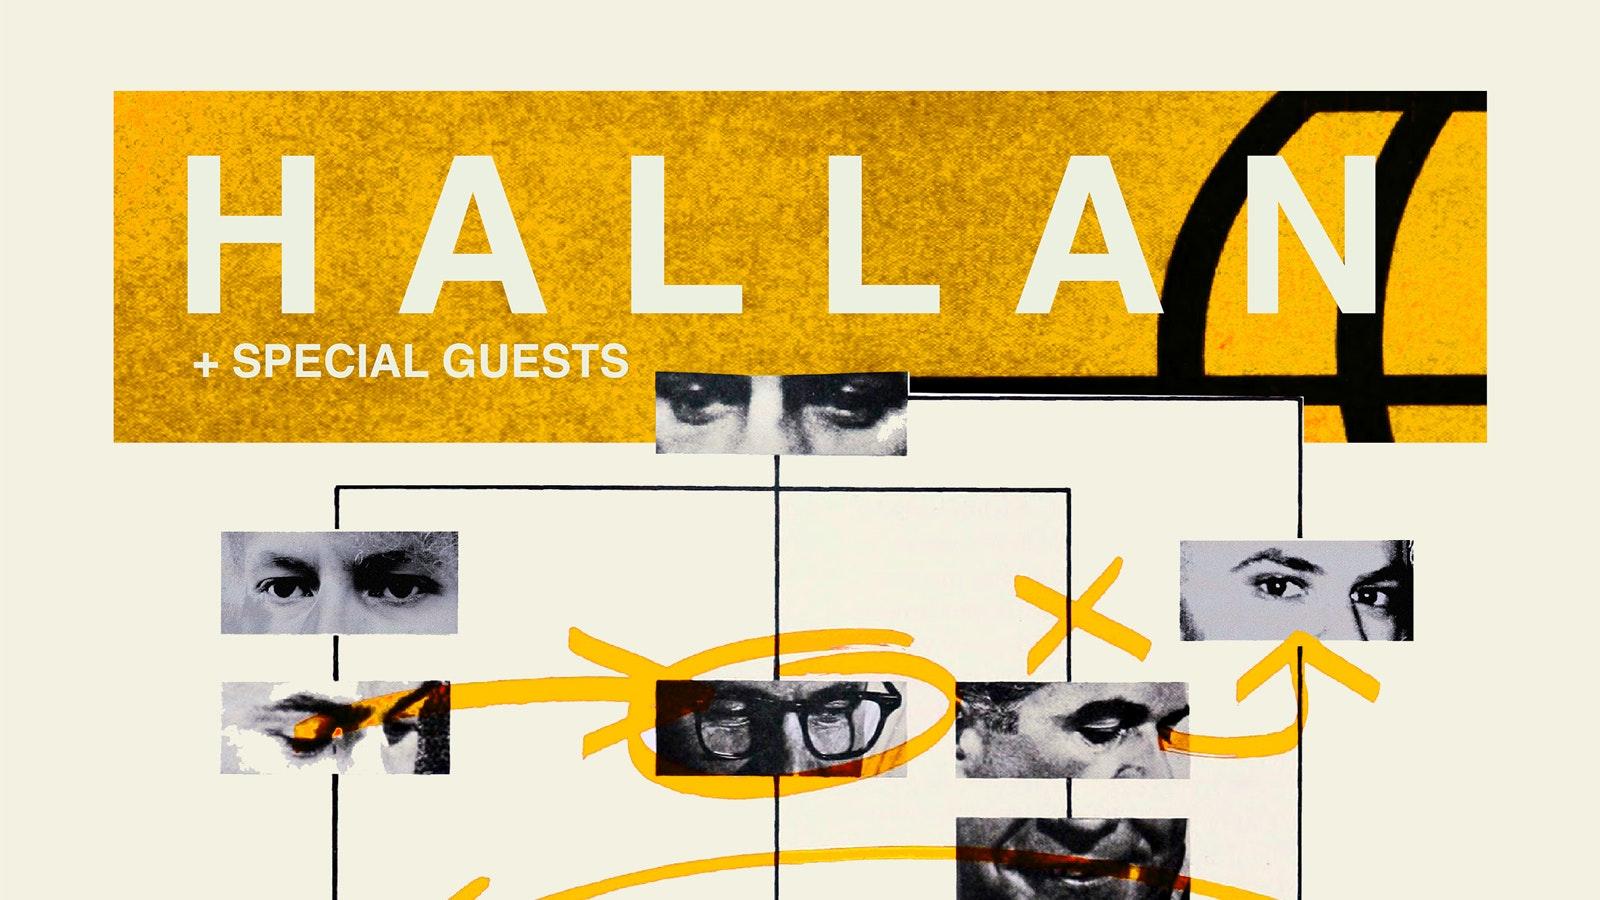 Hallan + Guests